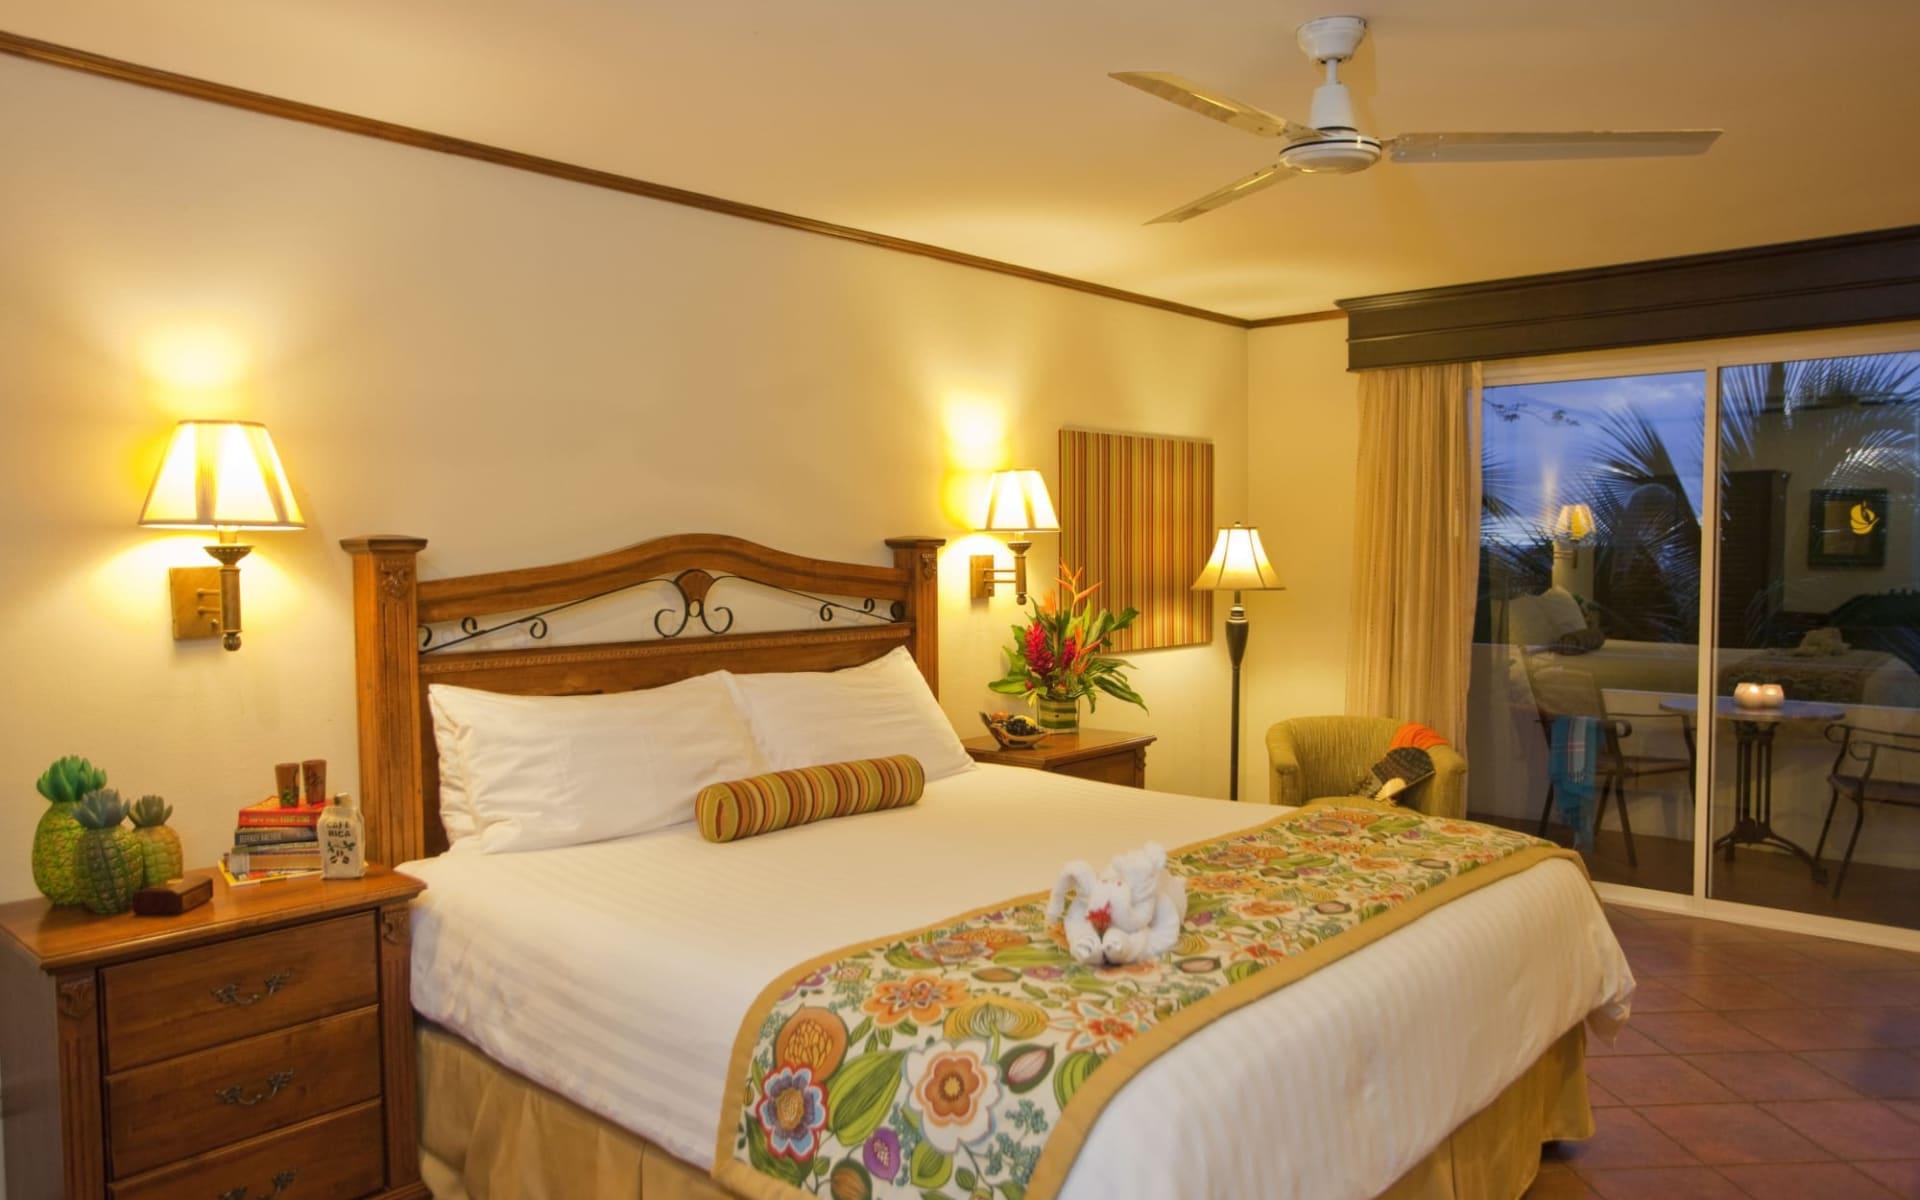 Parador Resort Spa in Manuel Antonio:  Parador Resort Spa-Tropical Room